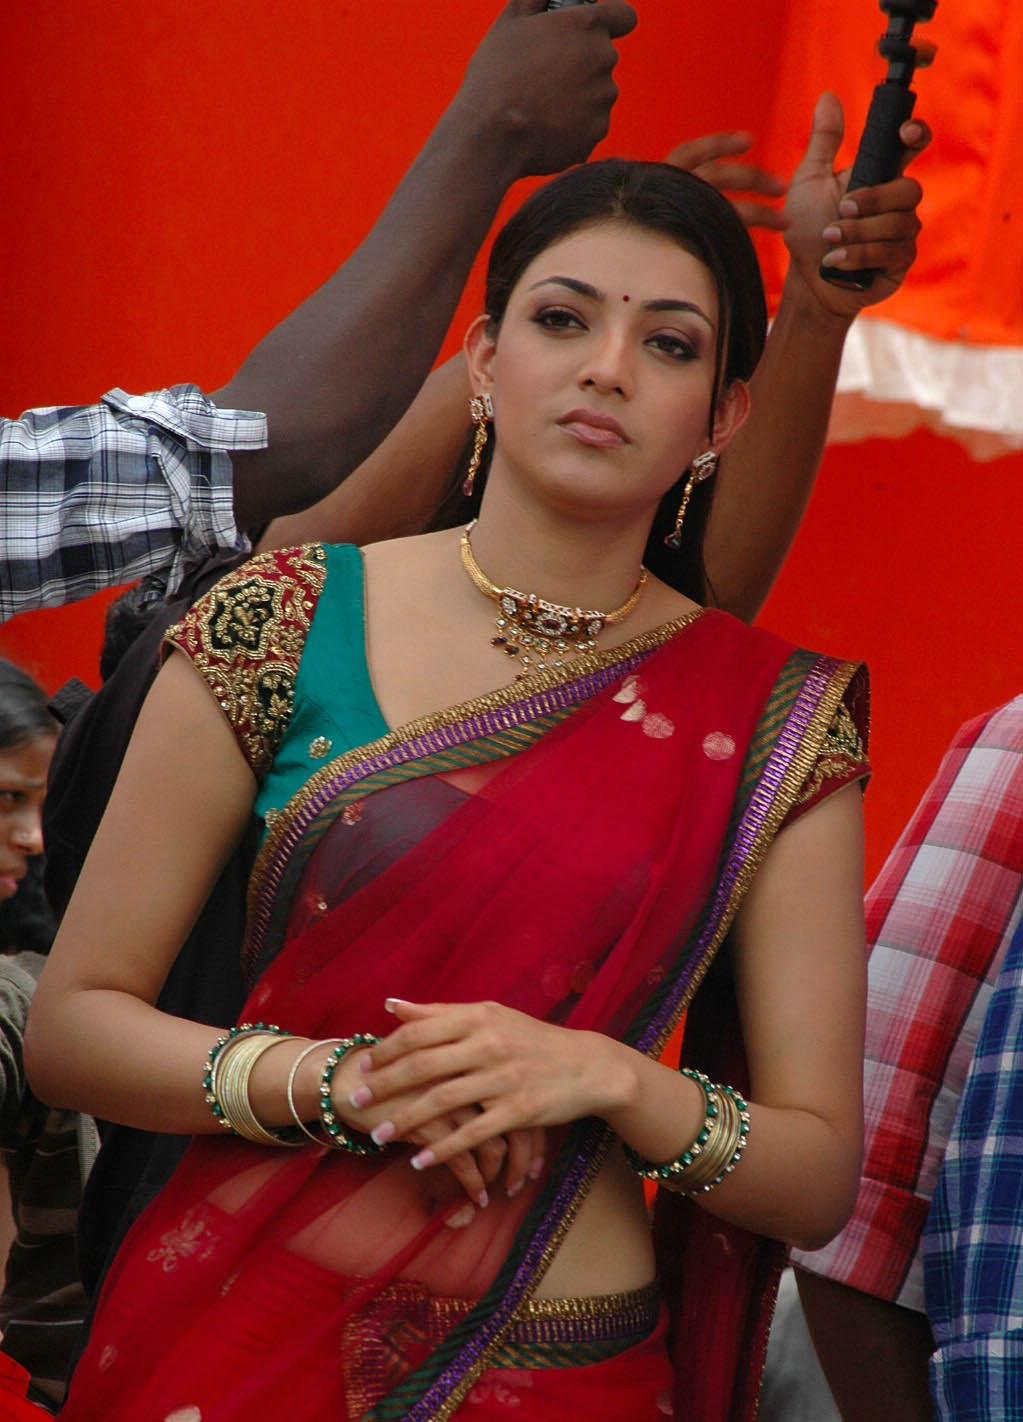 kajal agarwal hot wallpapers in transparent saree | glamorous